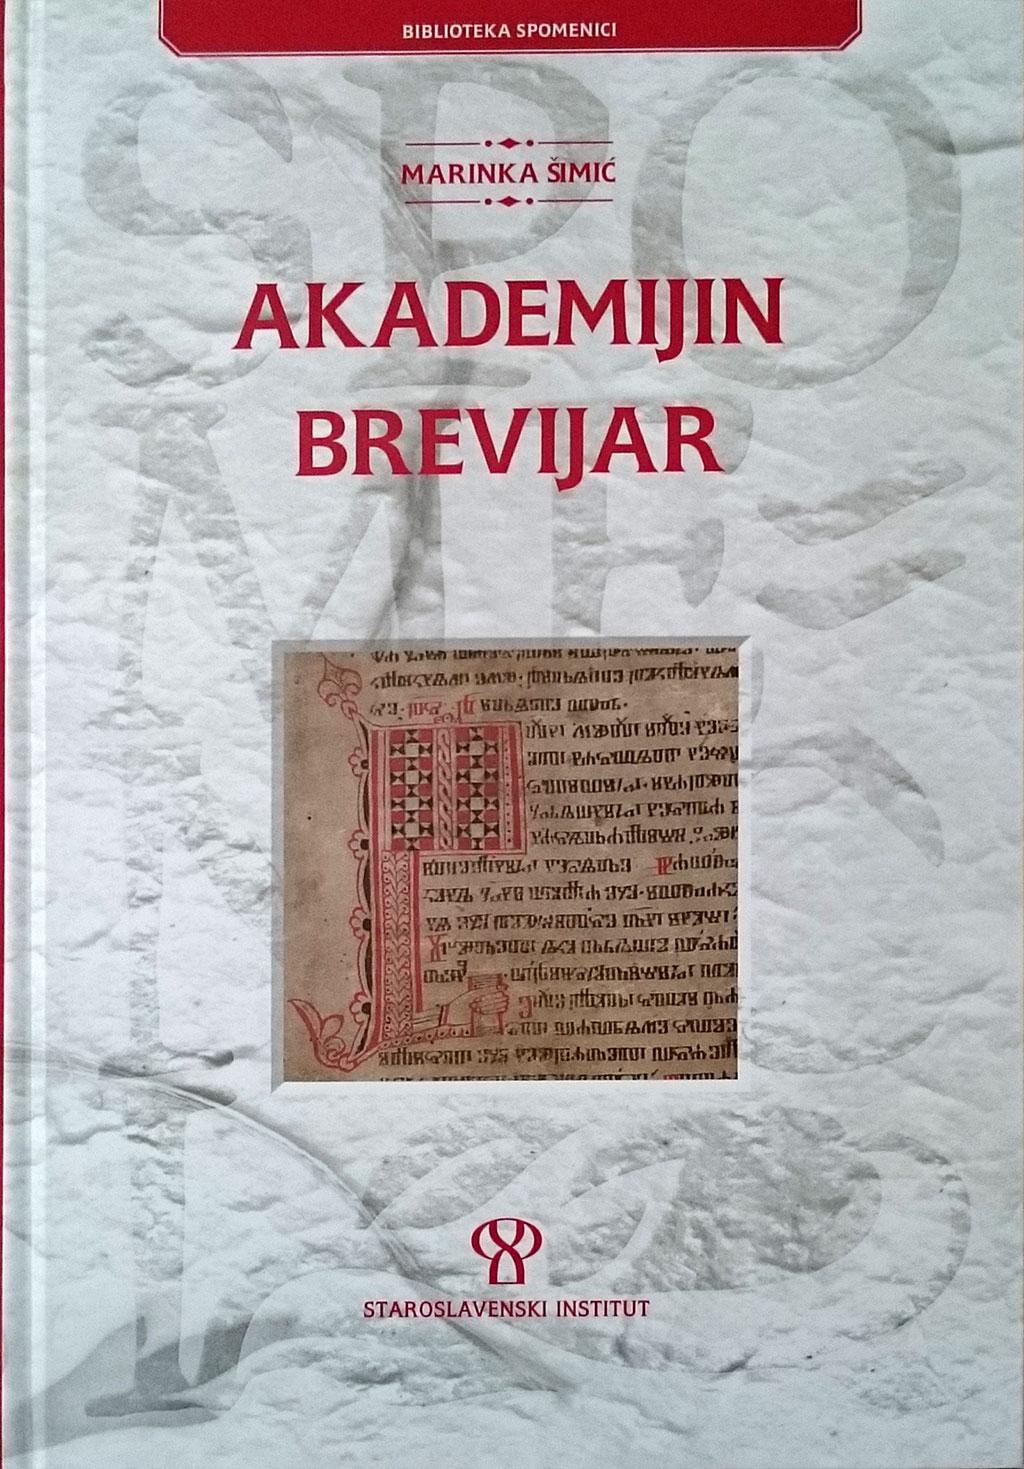 Akademijin brevijar